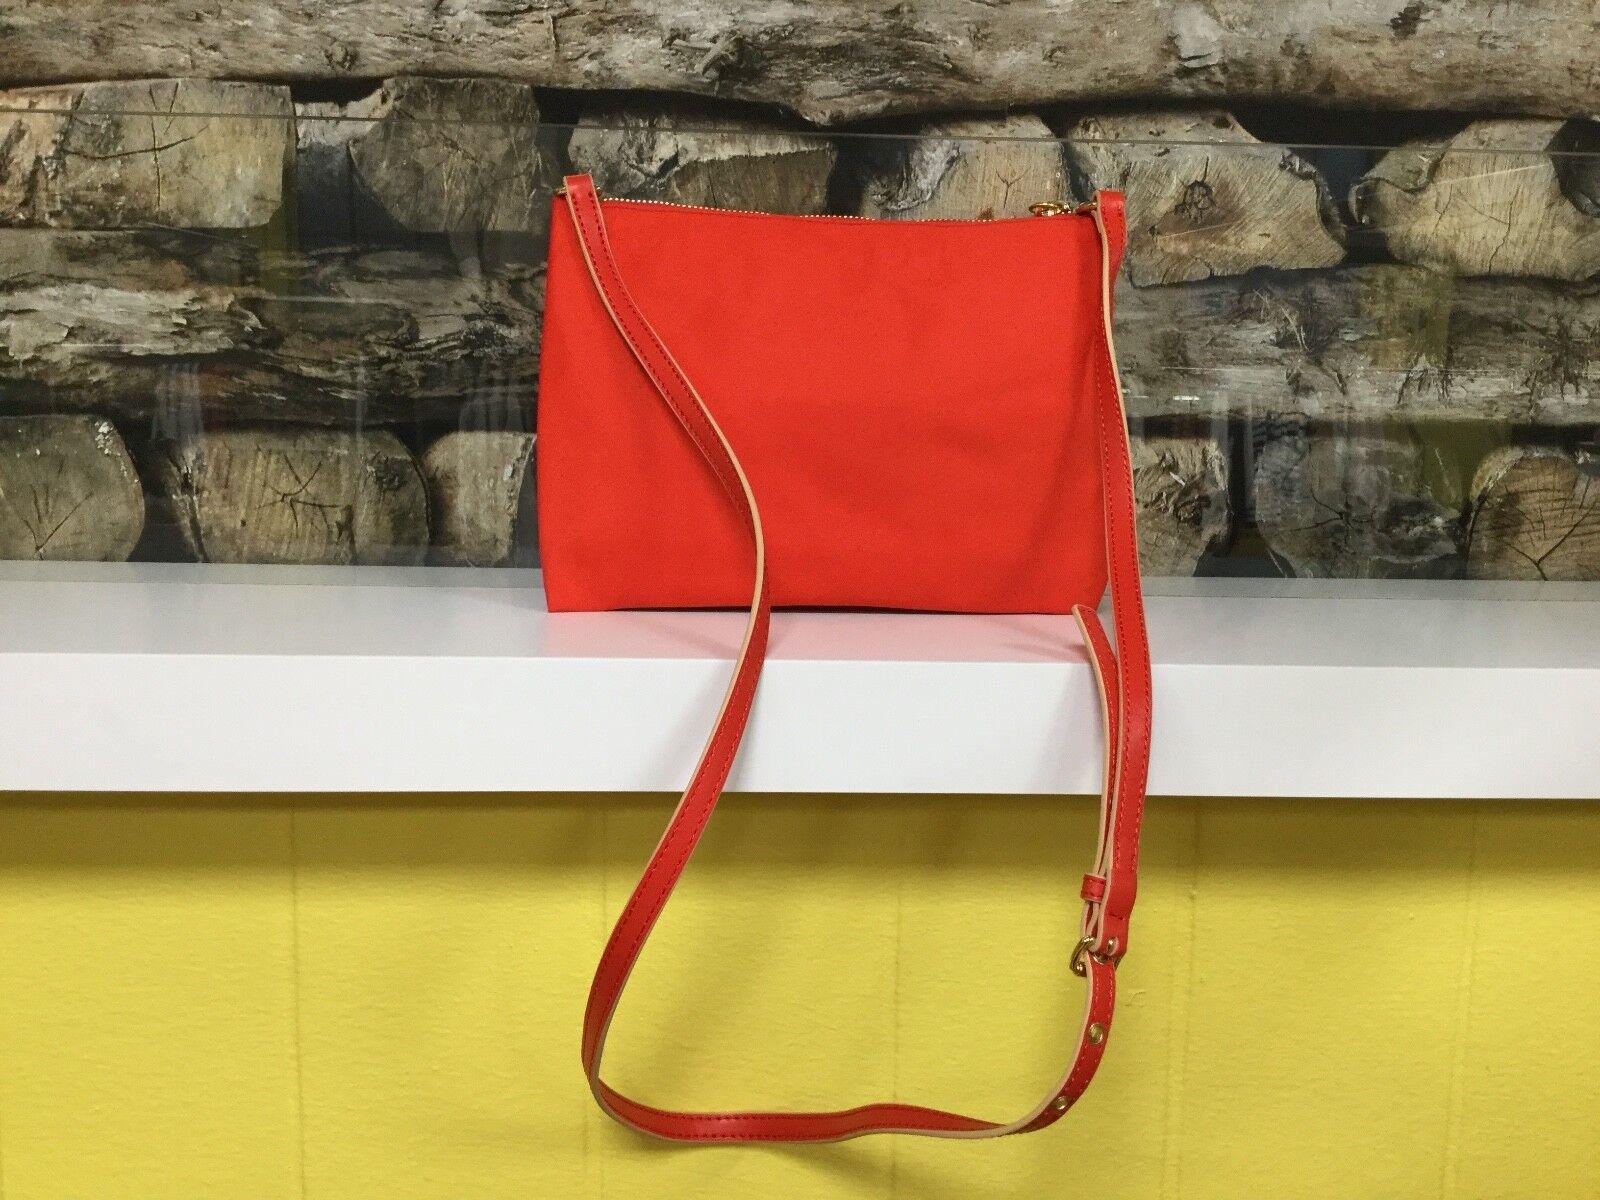 BIMBA Y LOLA Damen Tasche Clutch Clutch-Tasche Bag Beige Beige Beige Rot Träger Nylon   NEU | Bestellung willkommen  | Abrechnungspreis  | Großer Verkauf  7aa1e8